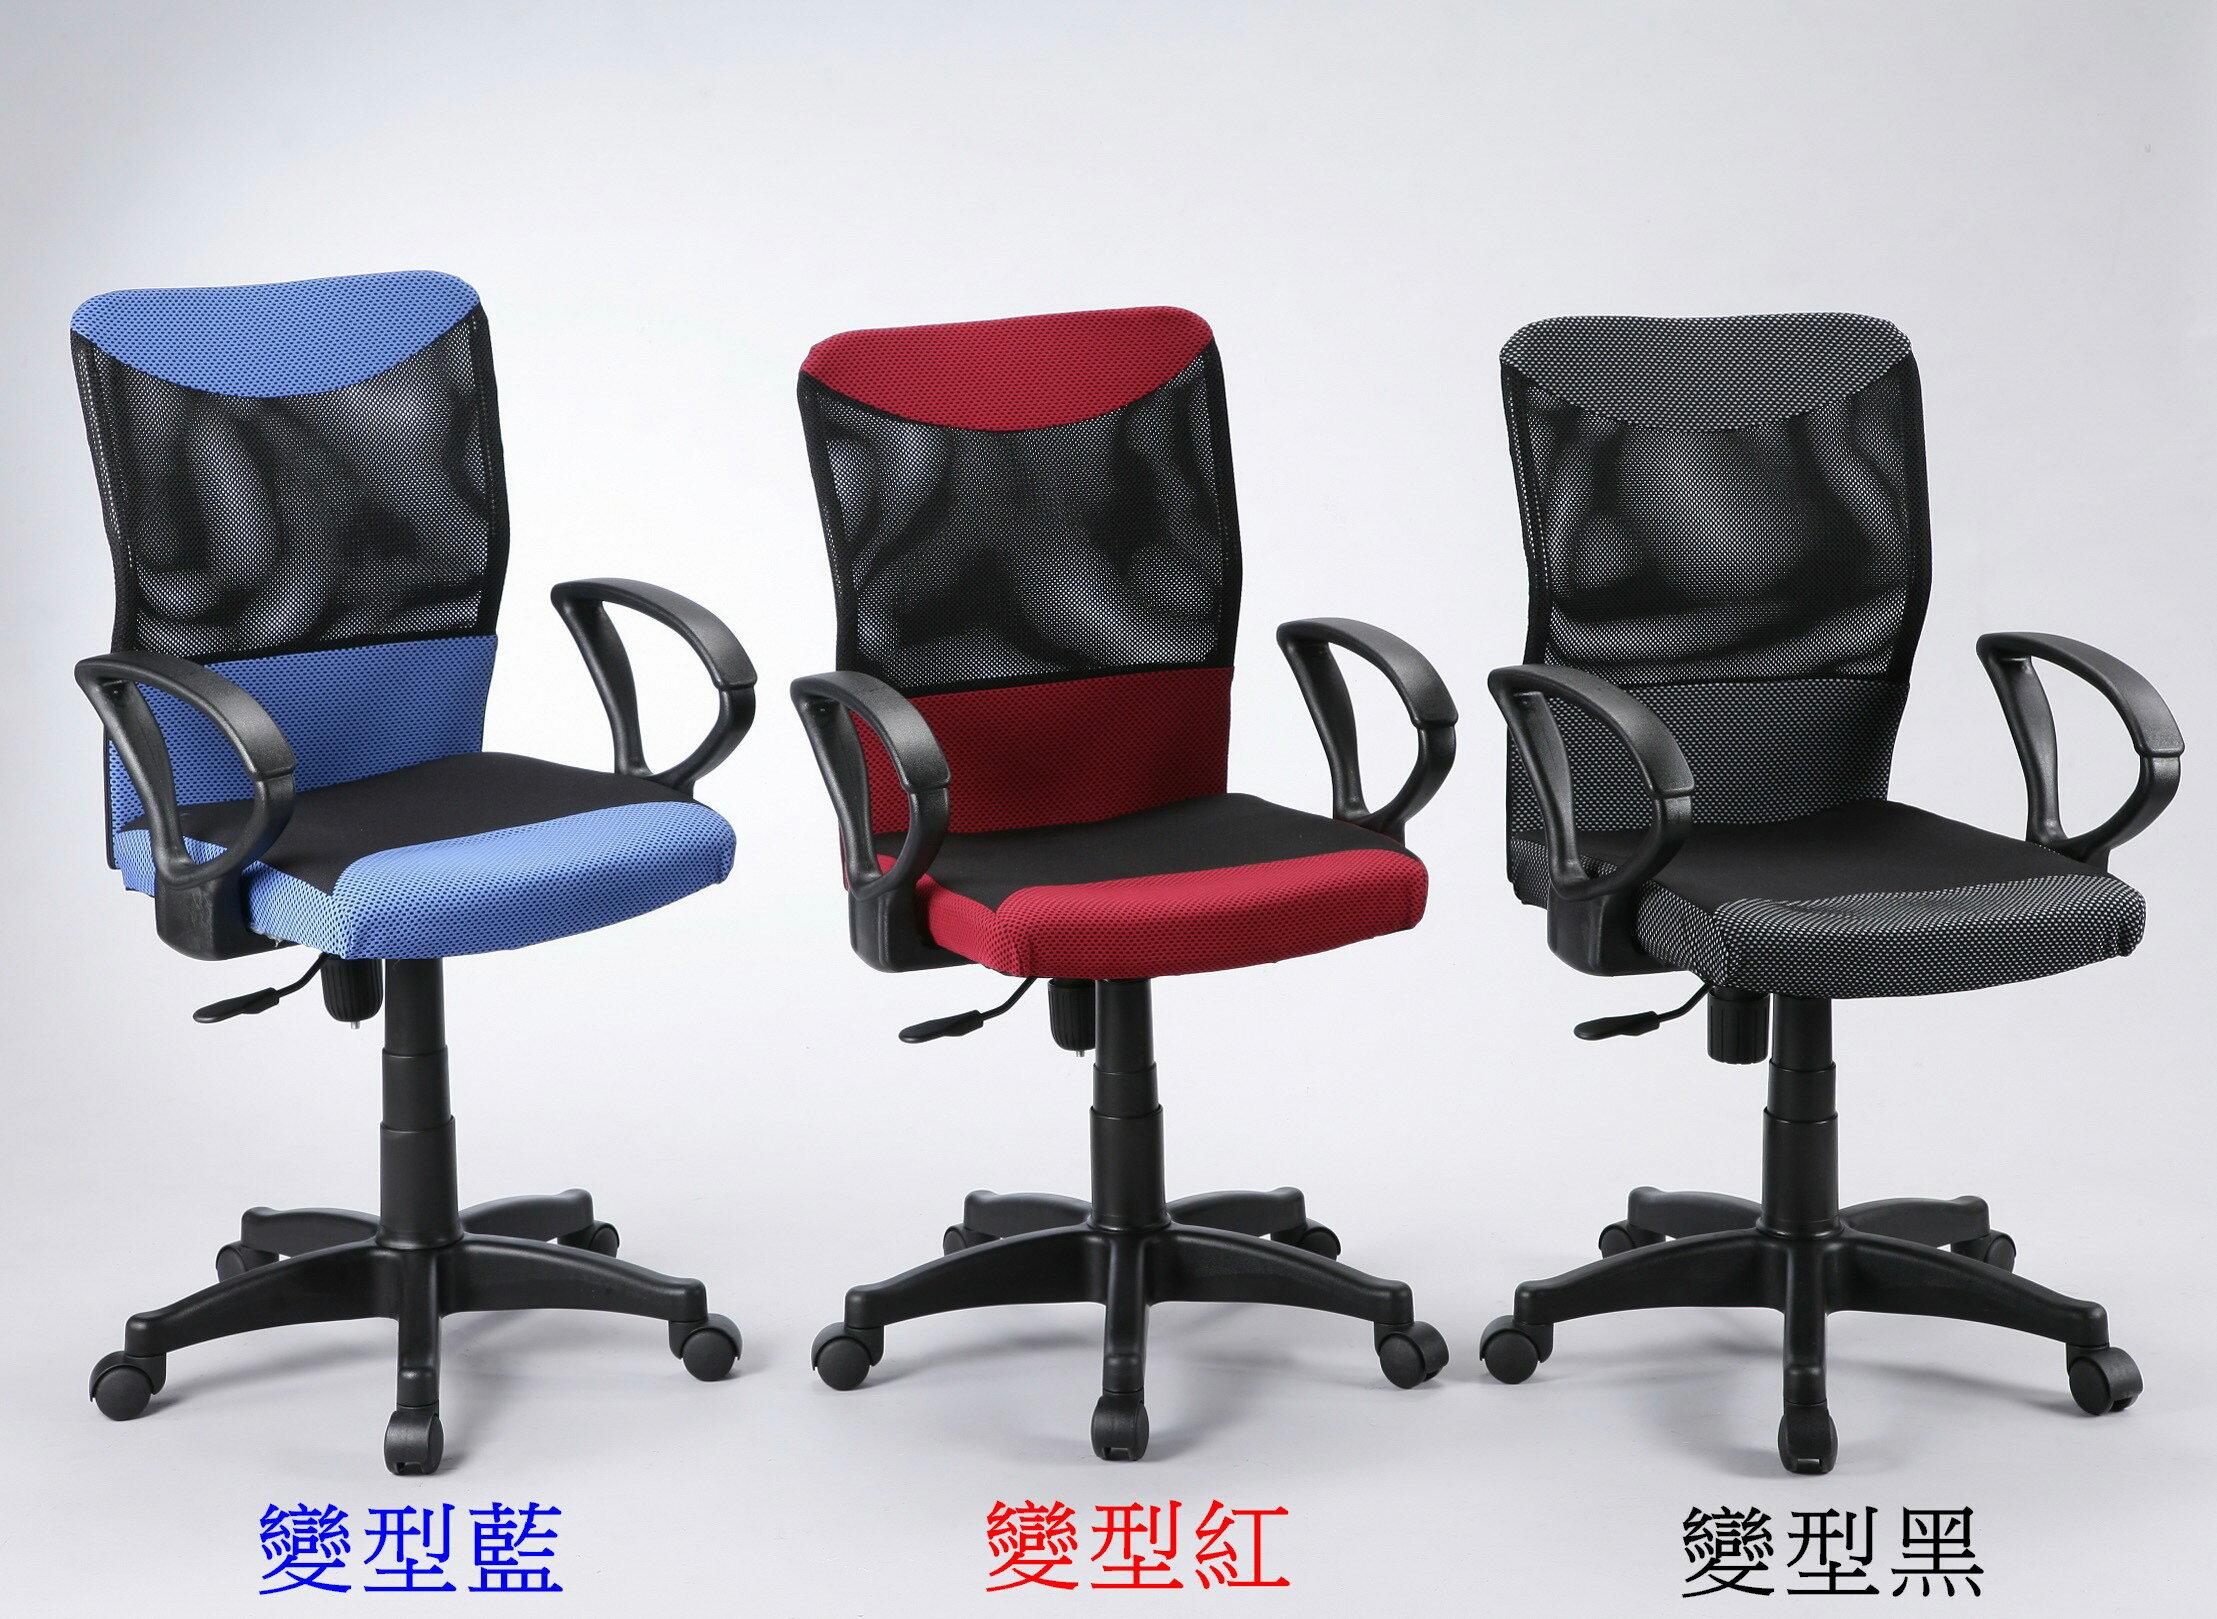 電競椅/辦公椅/電腦椅《 佳家生活館 》優雅時尚 網布高背變型電腦椅CH-010三款九色$↘